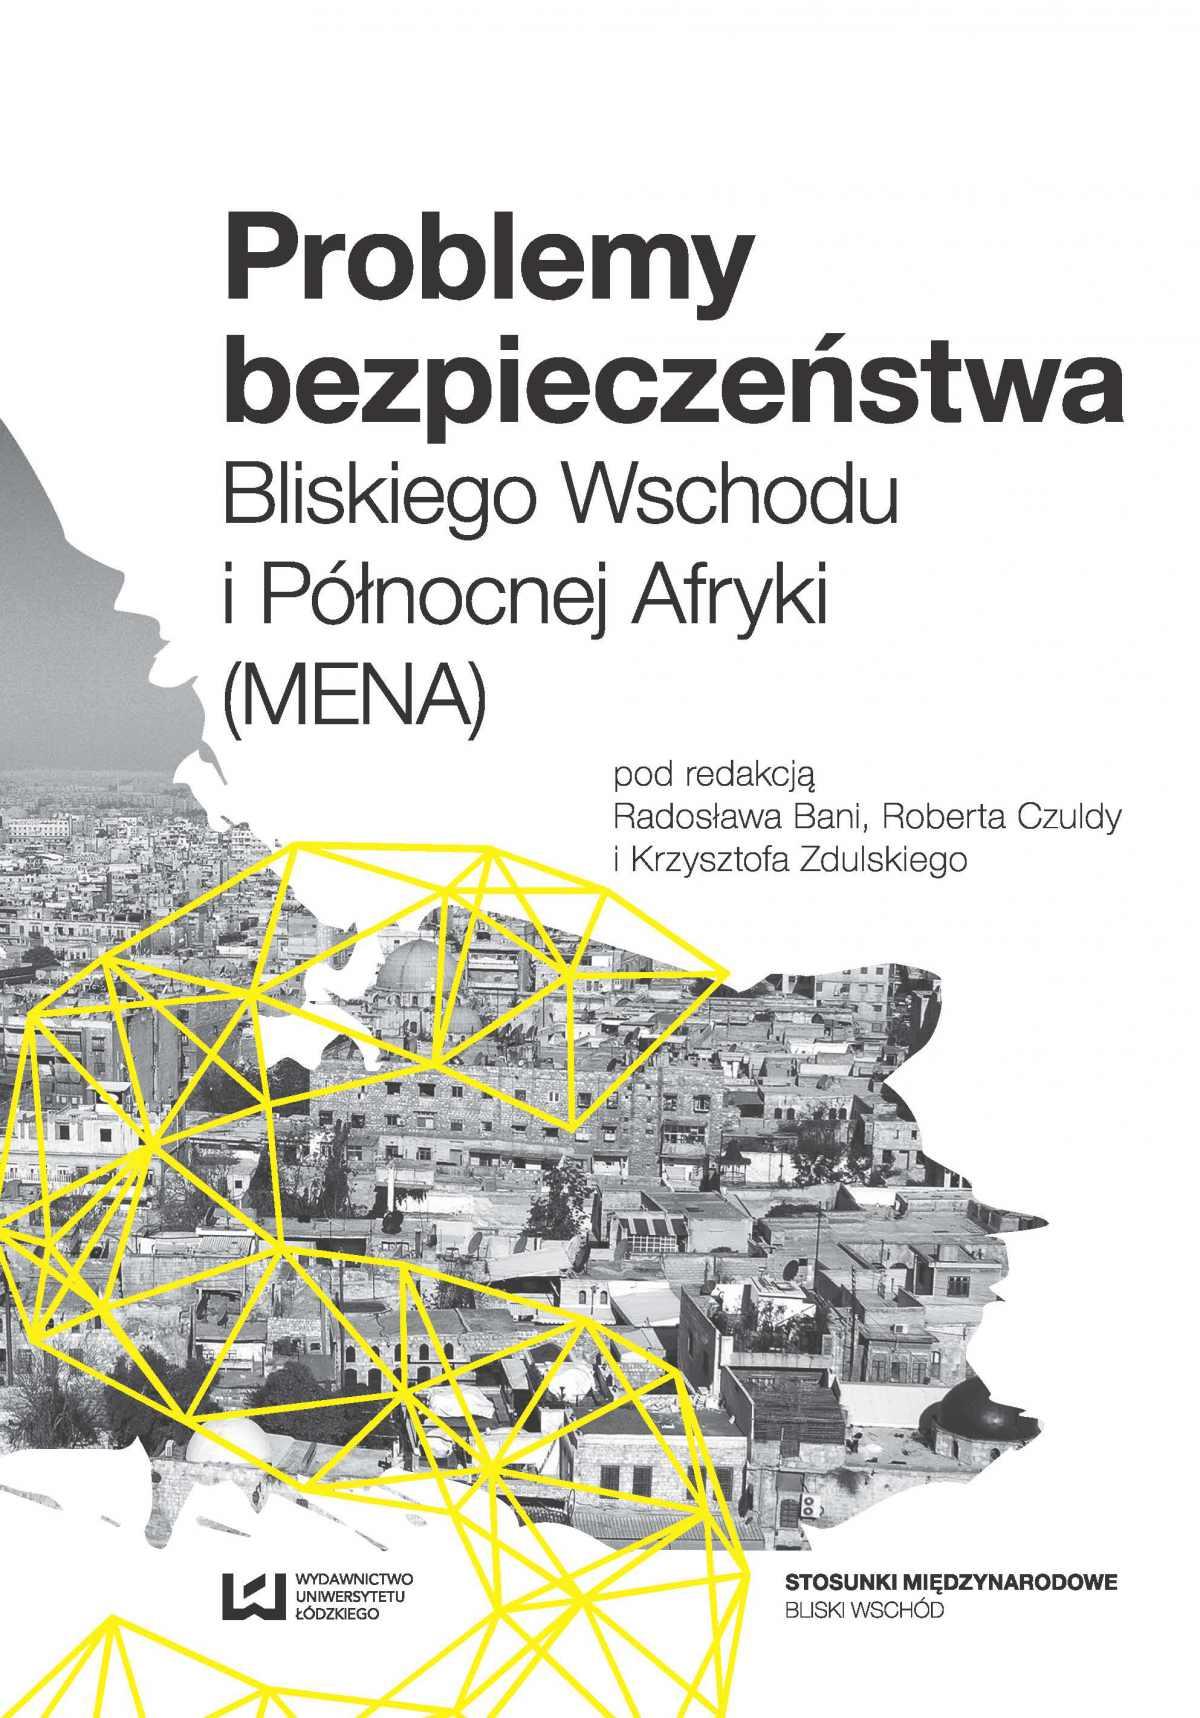 Problemy bezpieczeństwa Bliskiego Wschodu i Północnej Afryki (MENA) - Ebook (Książka PDF) do pobrania w formacie PDF